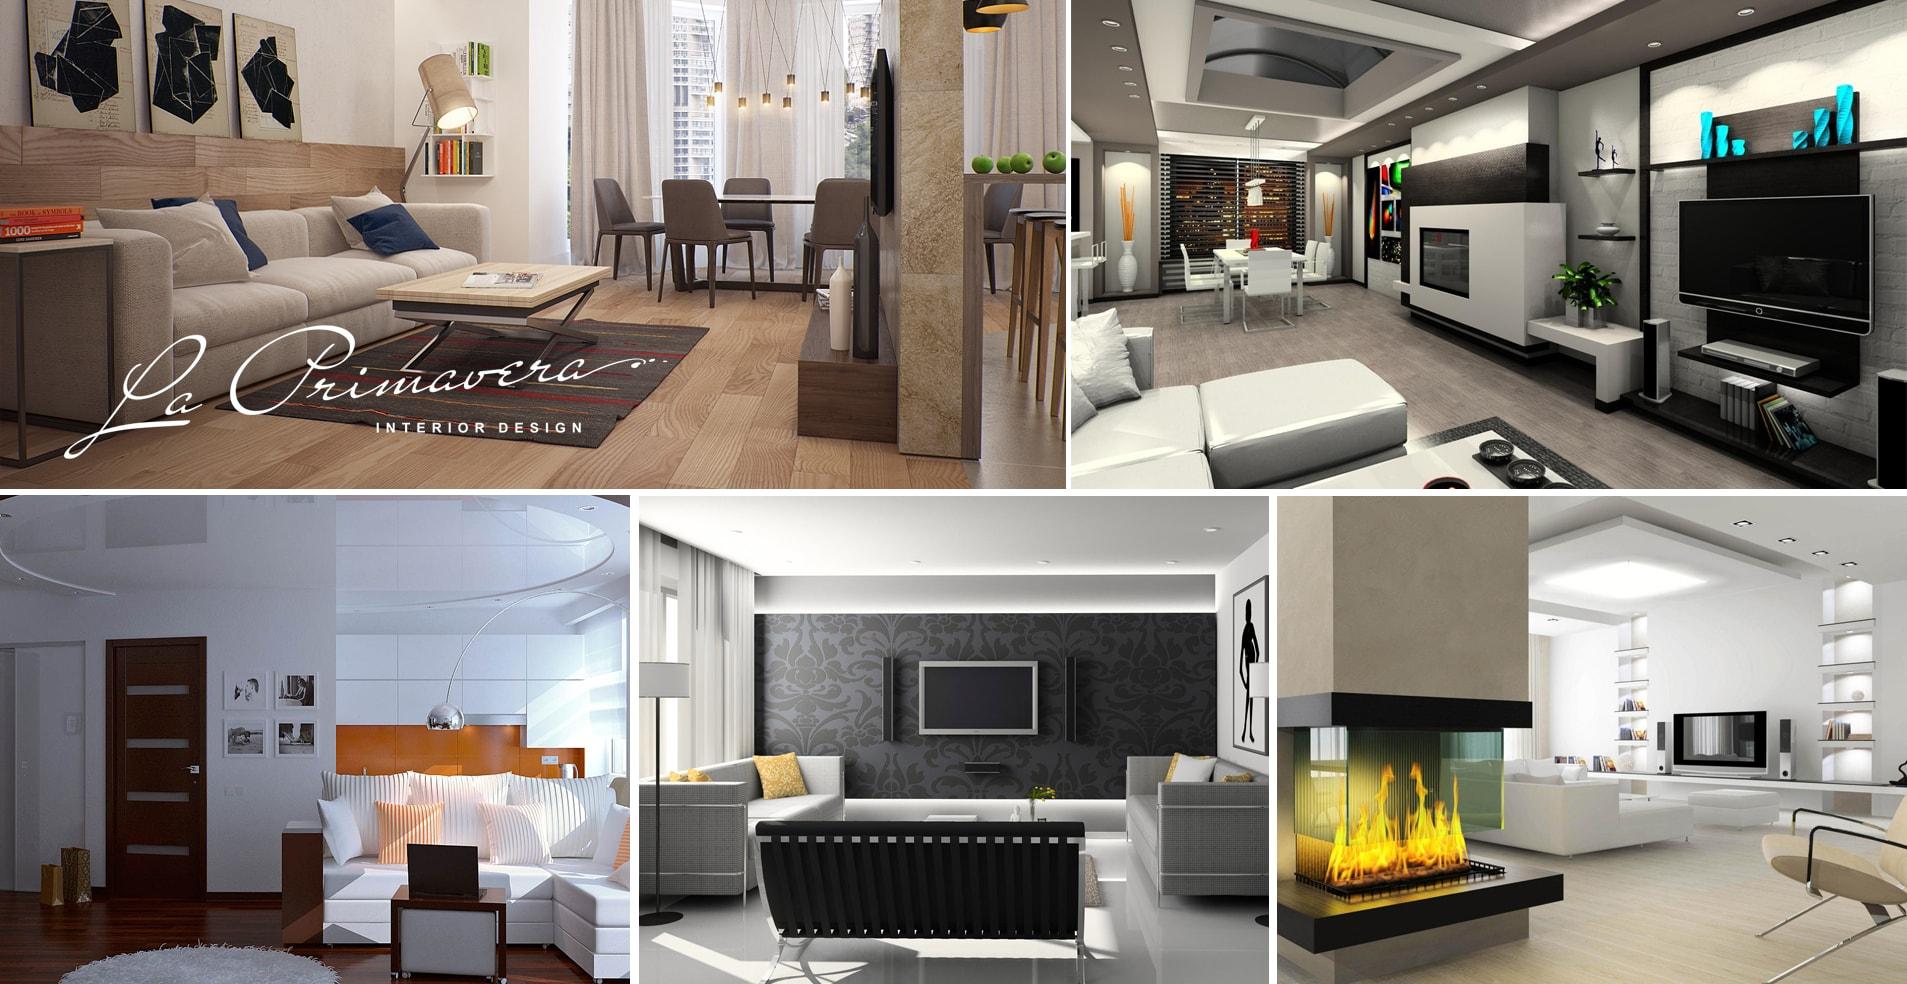 Ремонт квартир в Москве - ремонт квартир под ключ - низкие